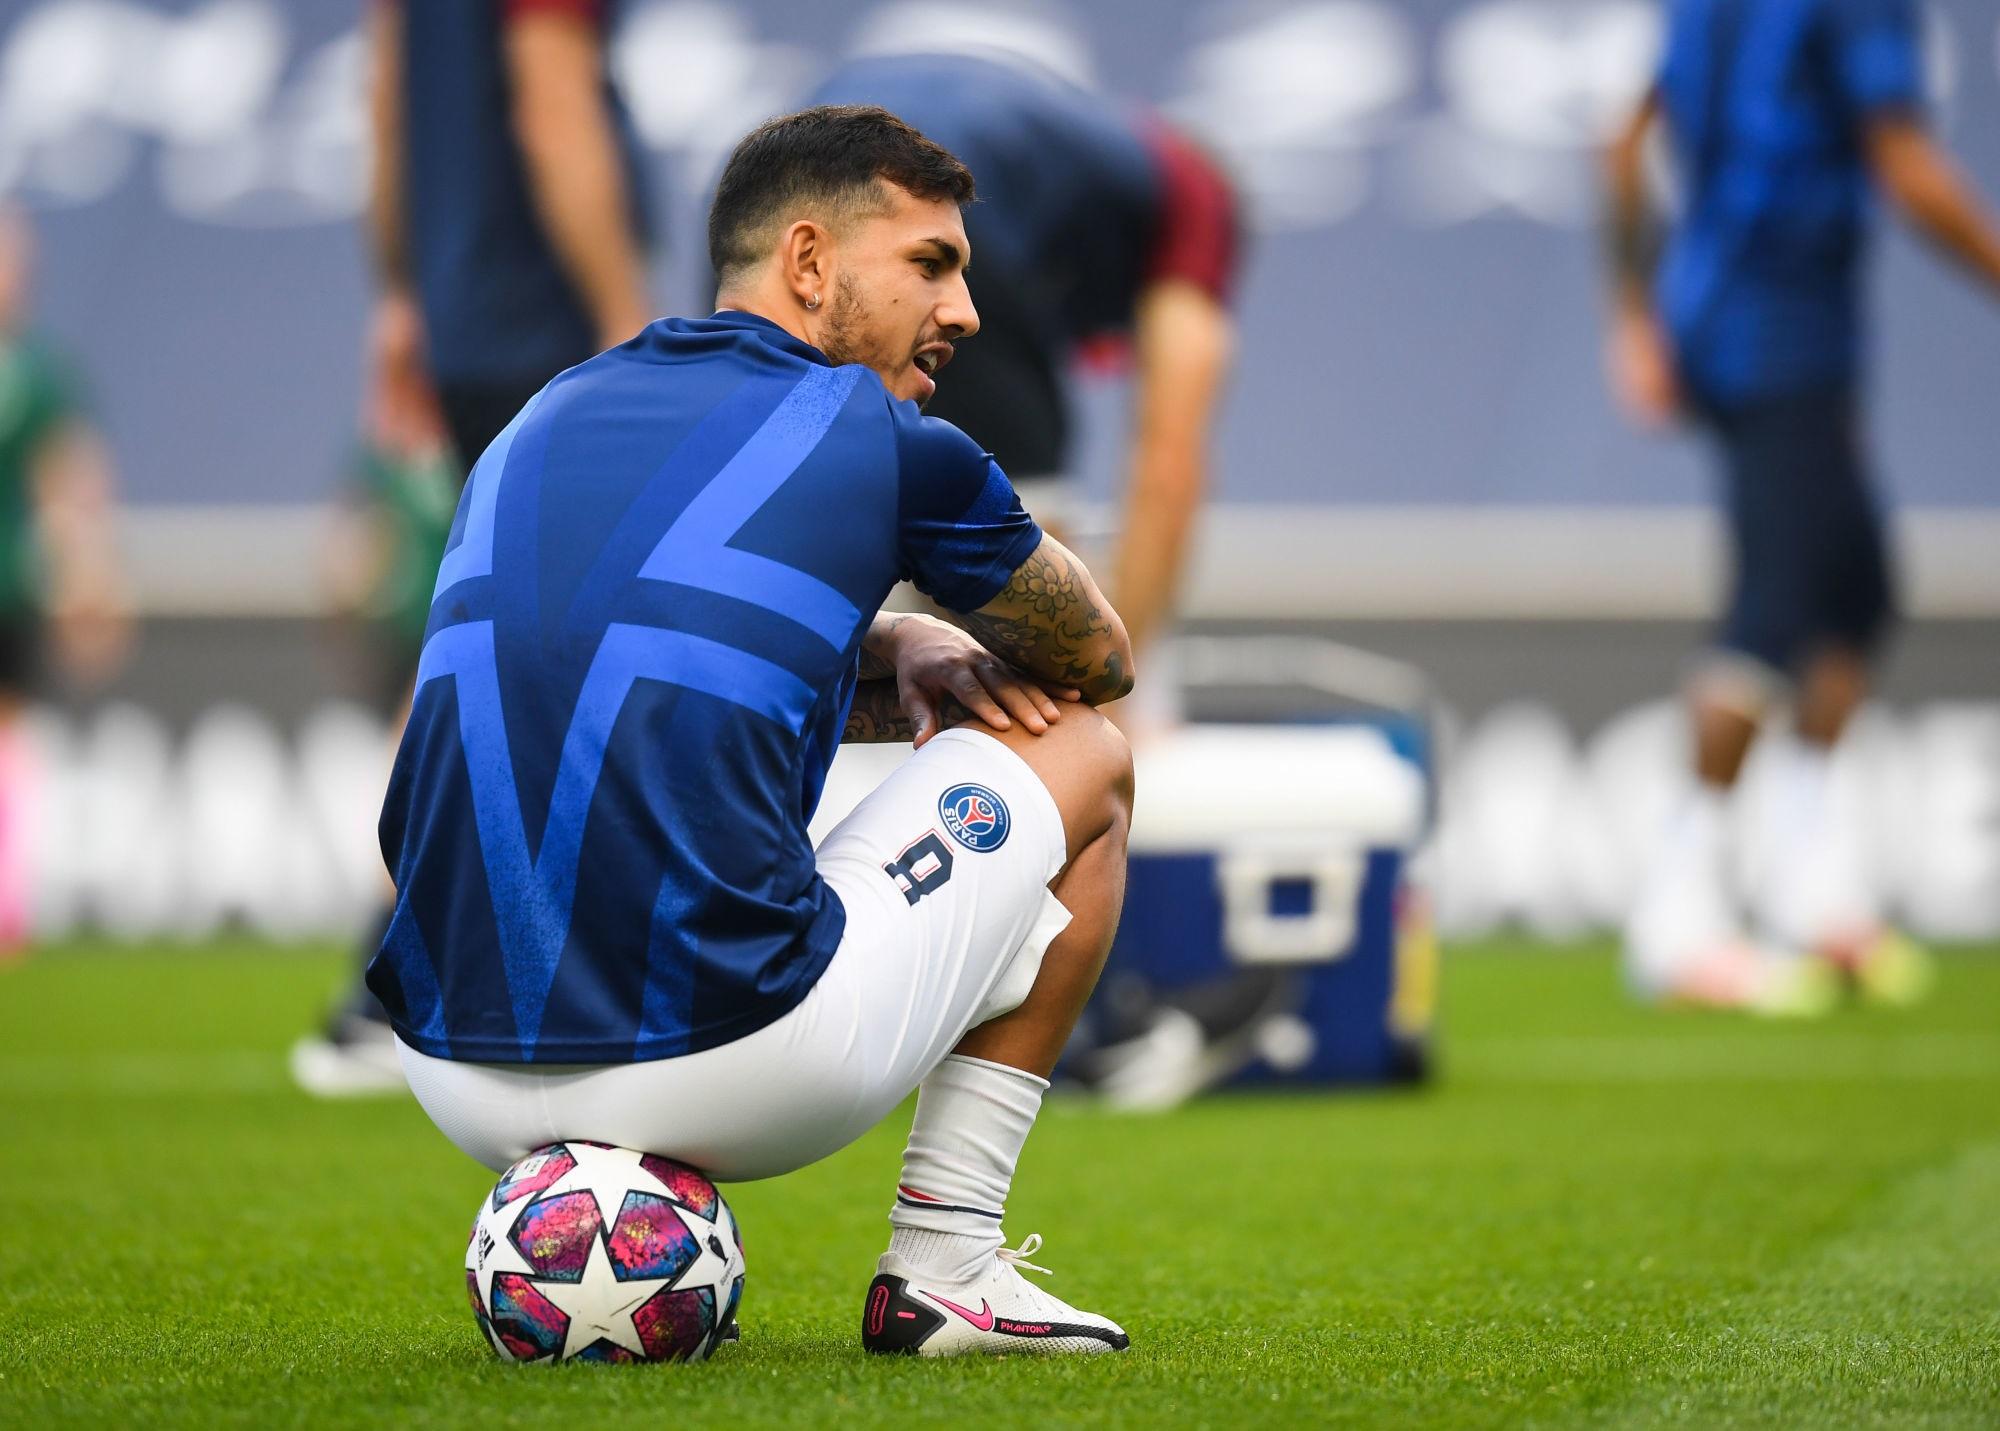 Mercato - La Fiorentina pense à Paredes et a vraiment de l'espoir, selon le Corriere dello Sport